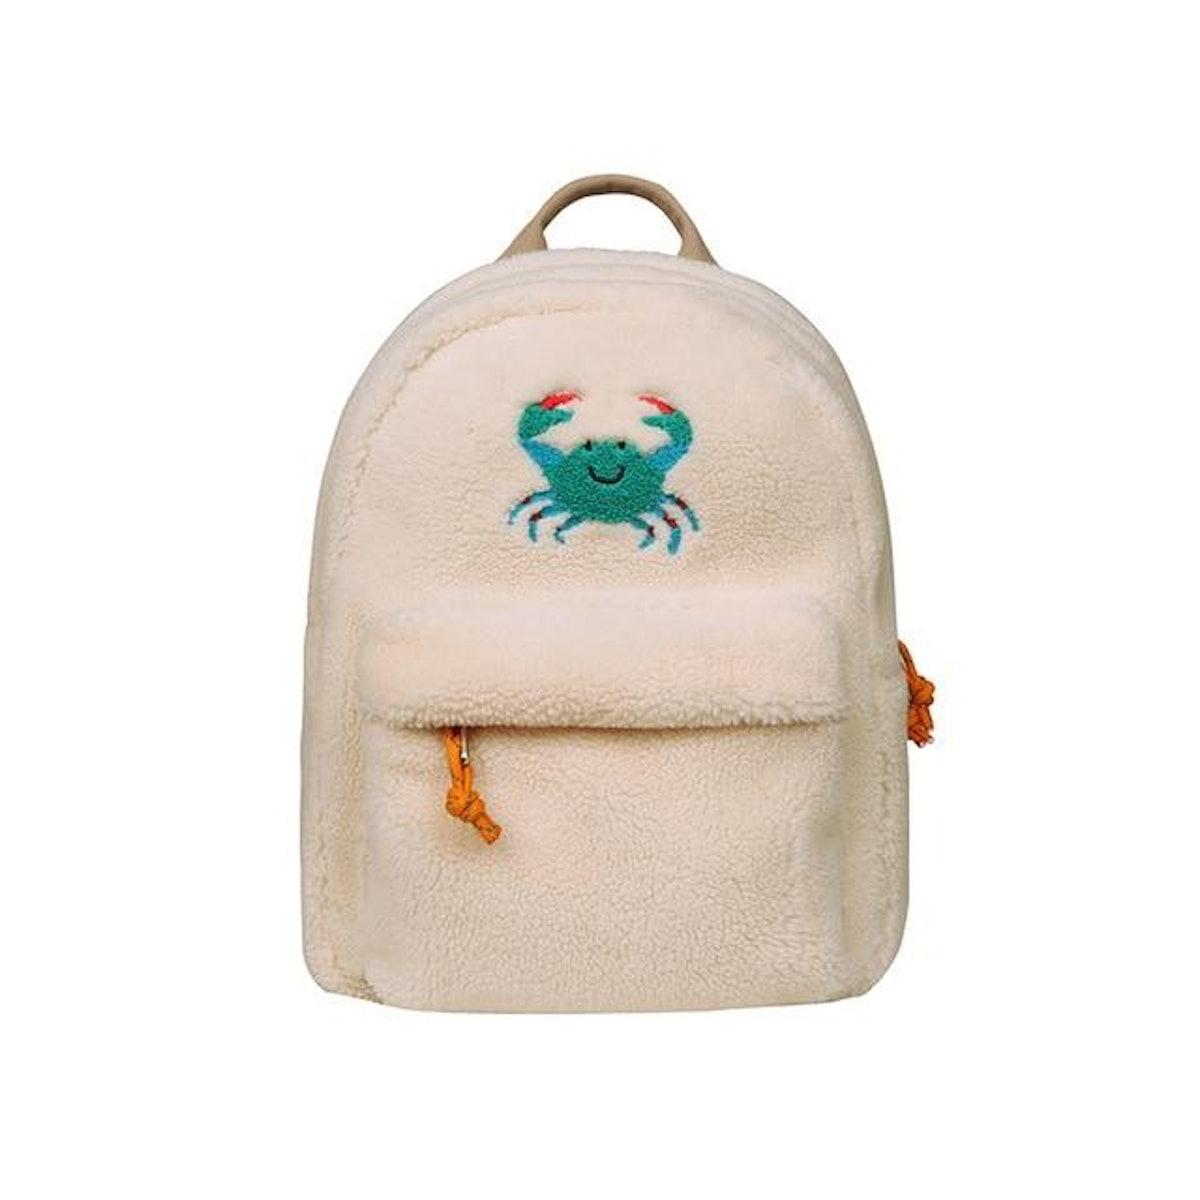 The Crabby Fleece Backpack